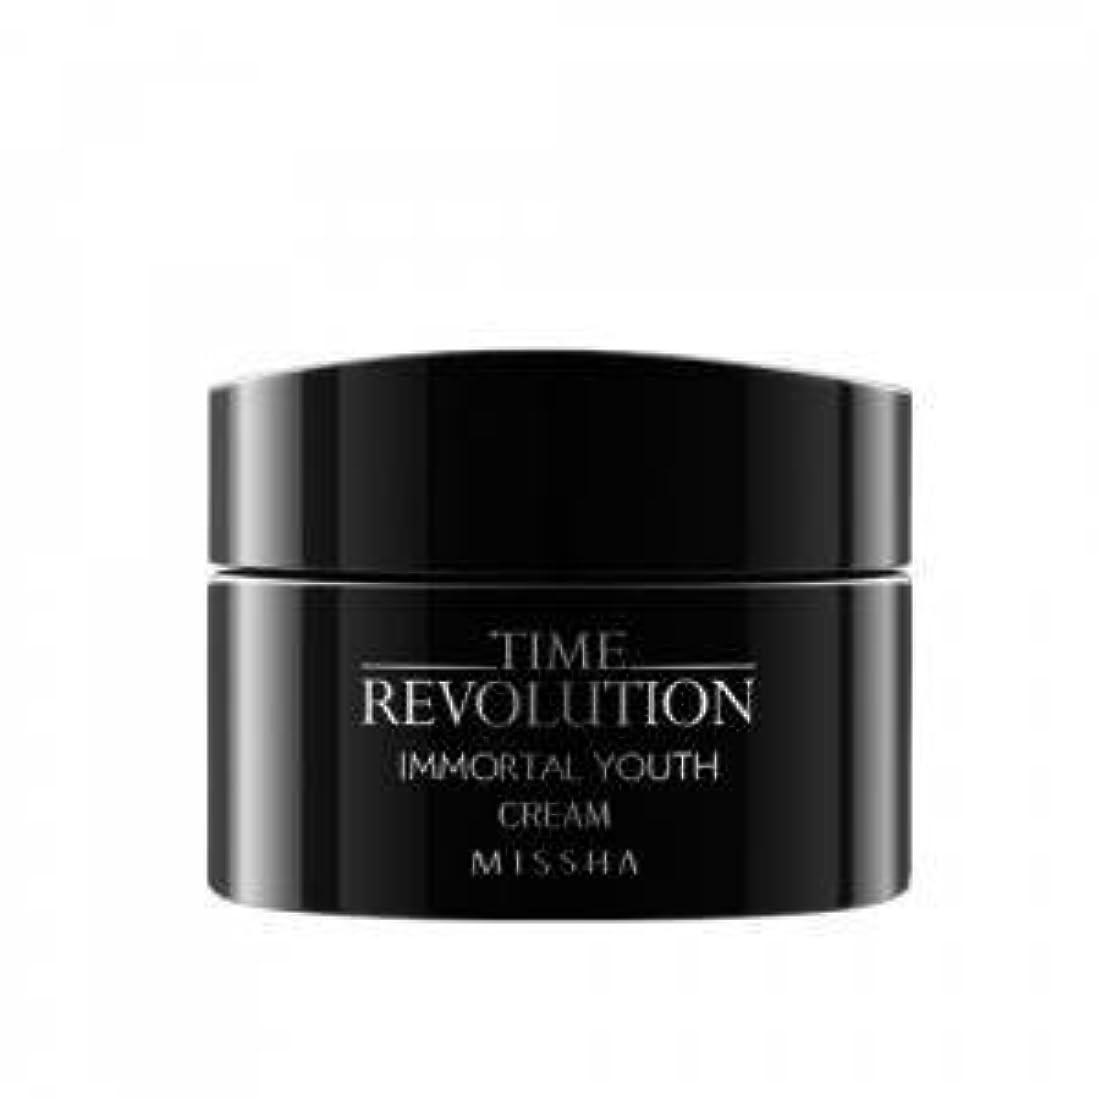 ミリメートルこれまでライナー【MISSHA (ミシャ)】 Time Revolution Immortal Youth Cream タイムレボリューション イモータルユース クリーム